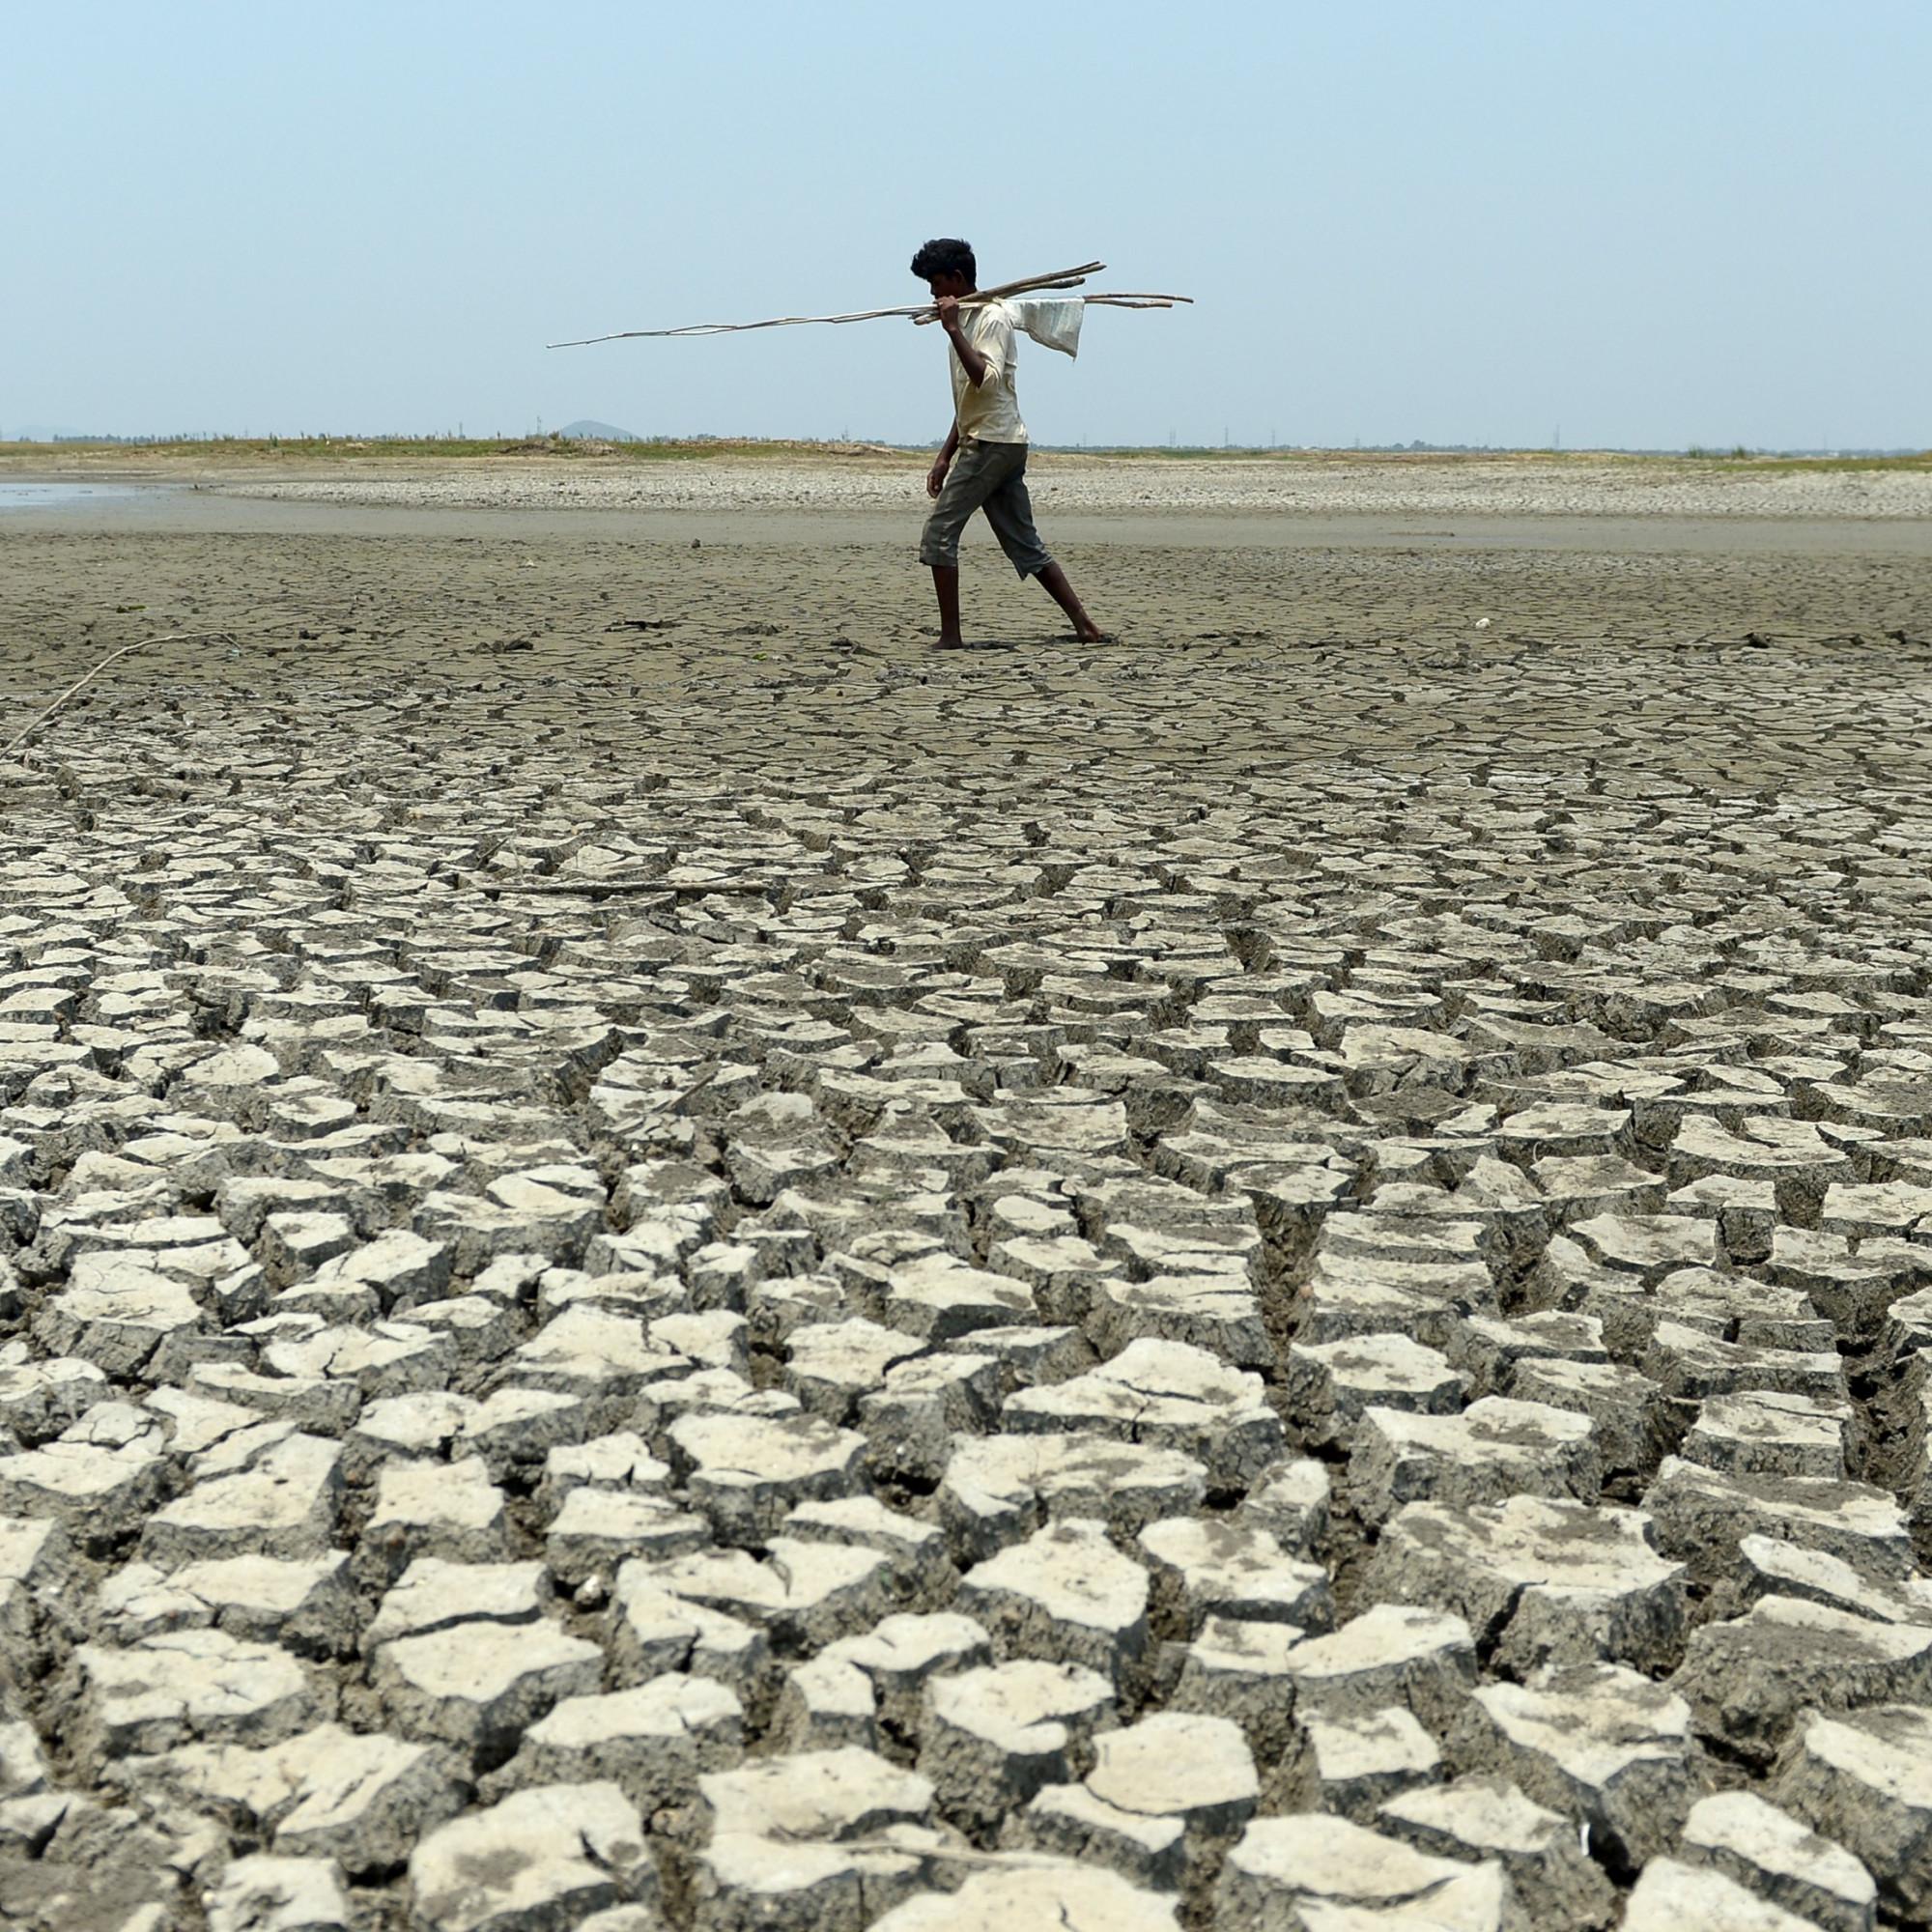 VIDÉO - D'ici 2100, jusqu'à 75 % des habitants de la planète risquent de mourir de chaud